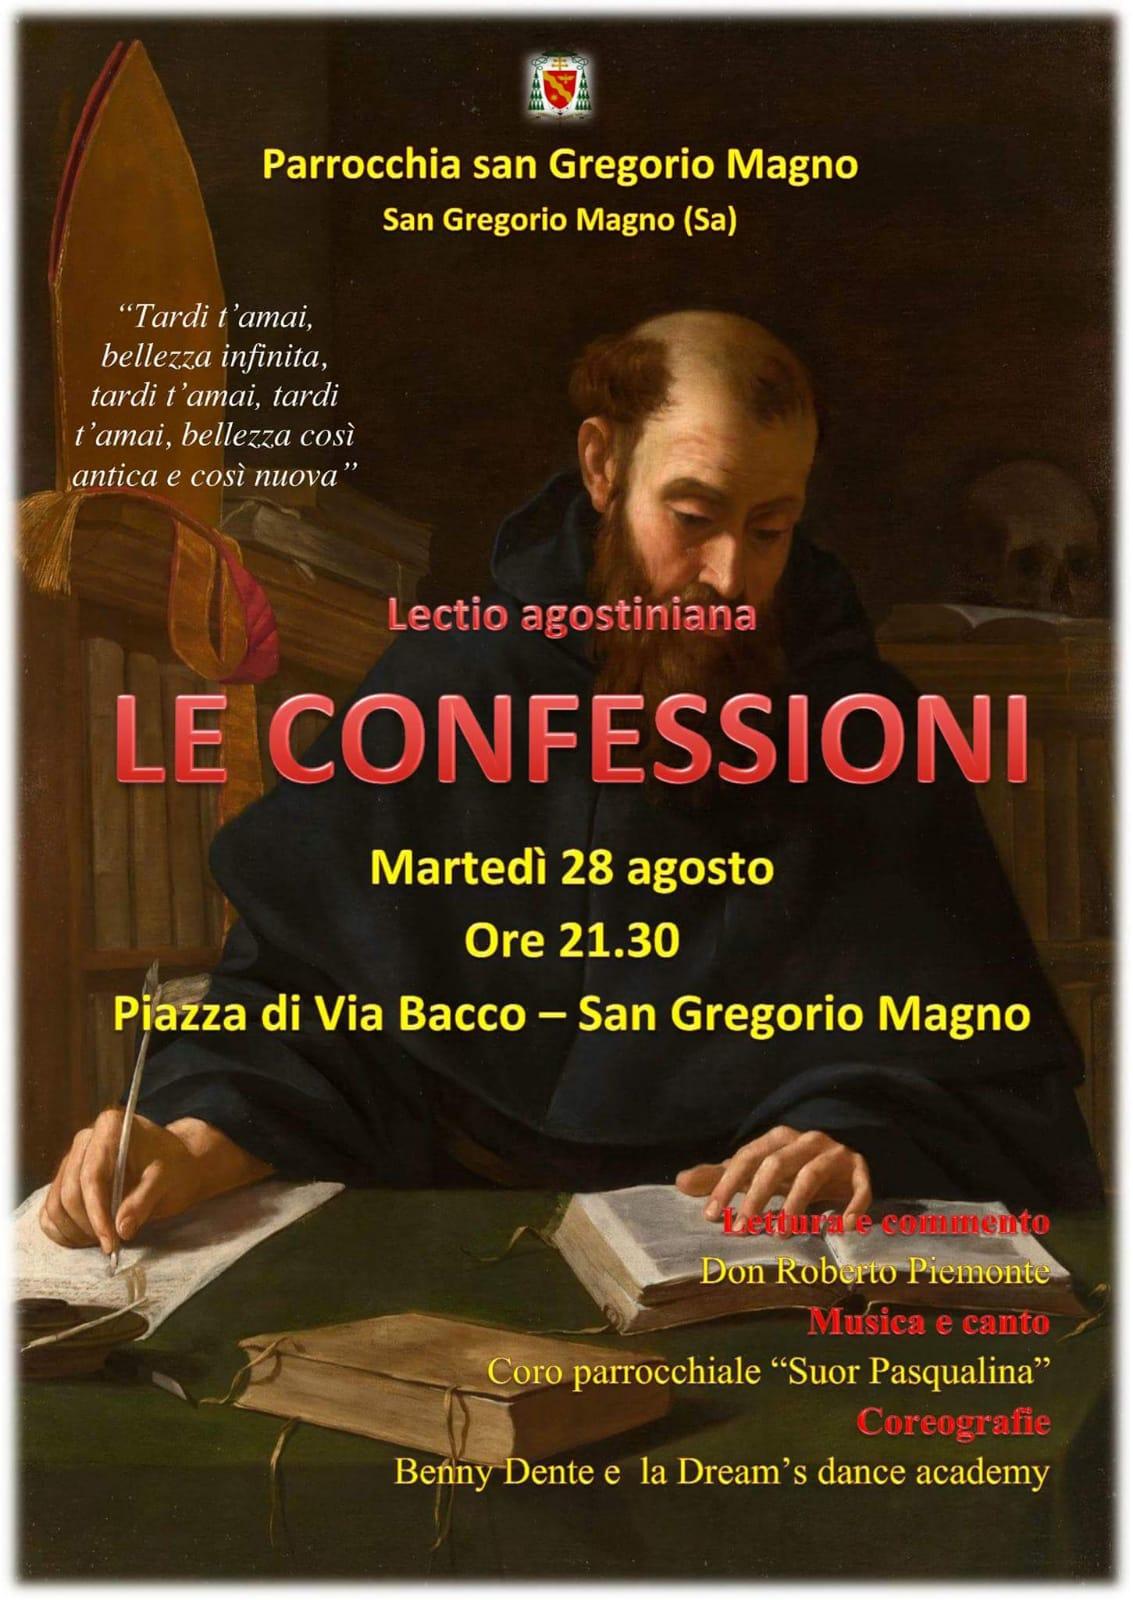 """San Gregorio Magno: successo per gli incontri de """"Le Confessioni"""" di Sant'Agostino"""